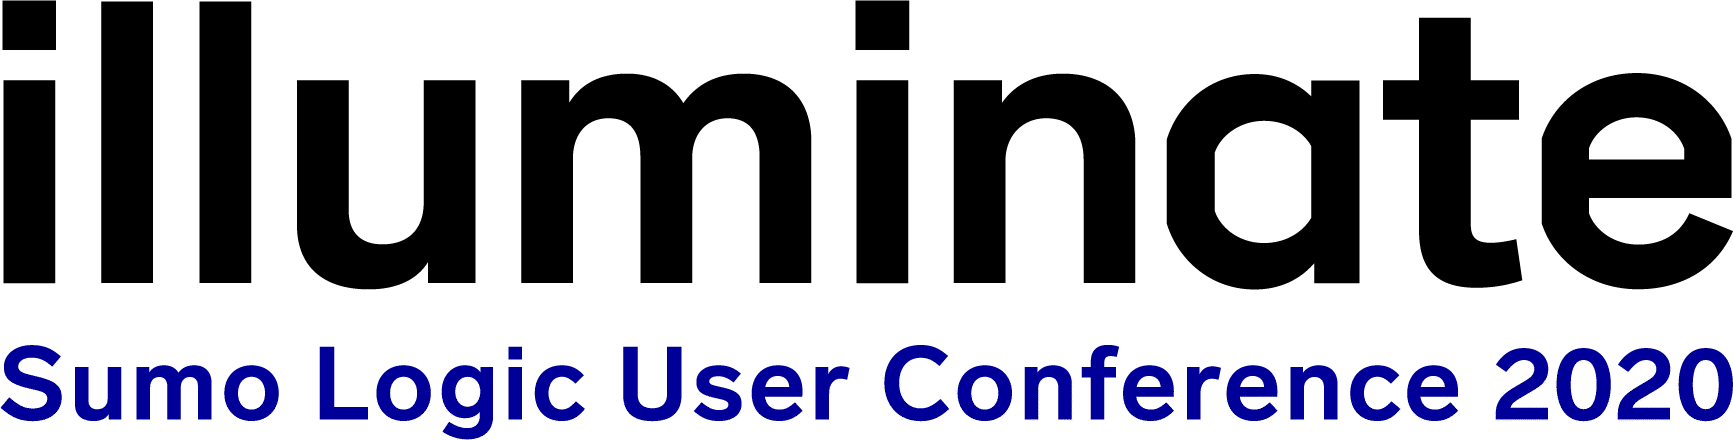 Illuminate User Conference 2020